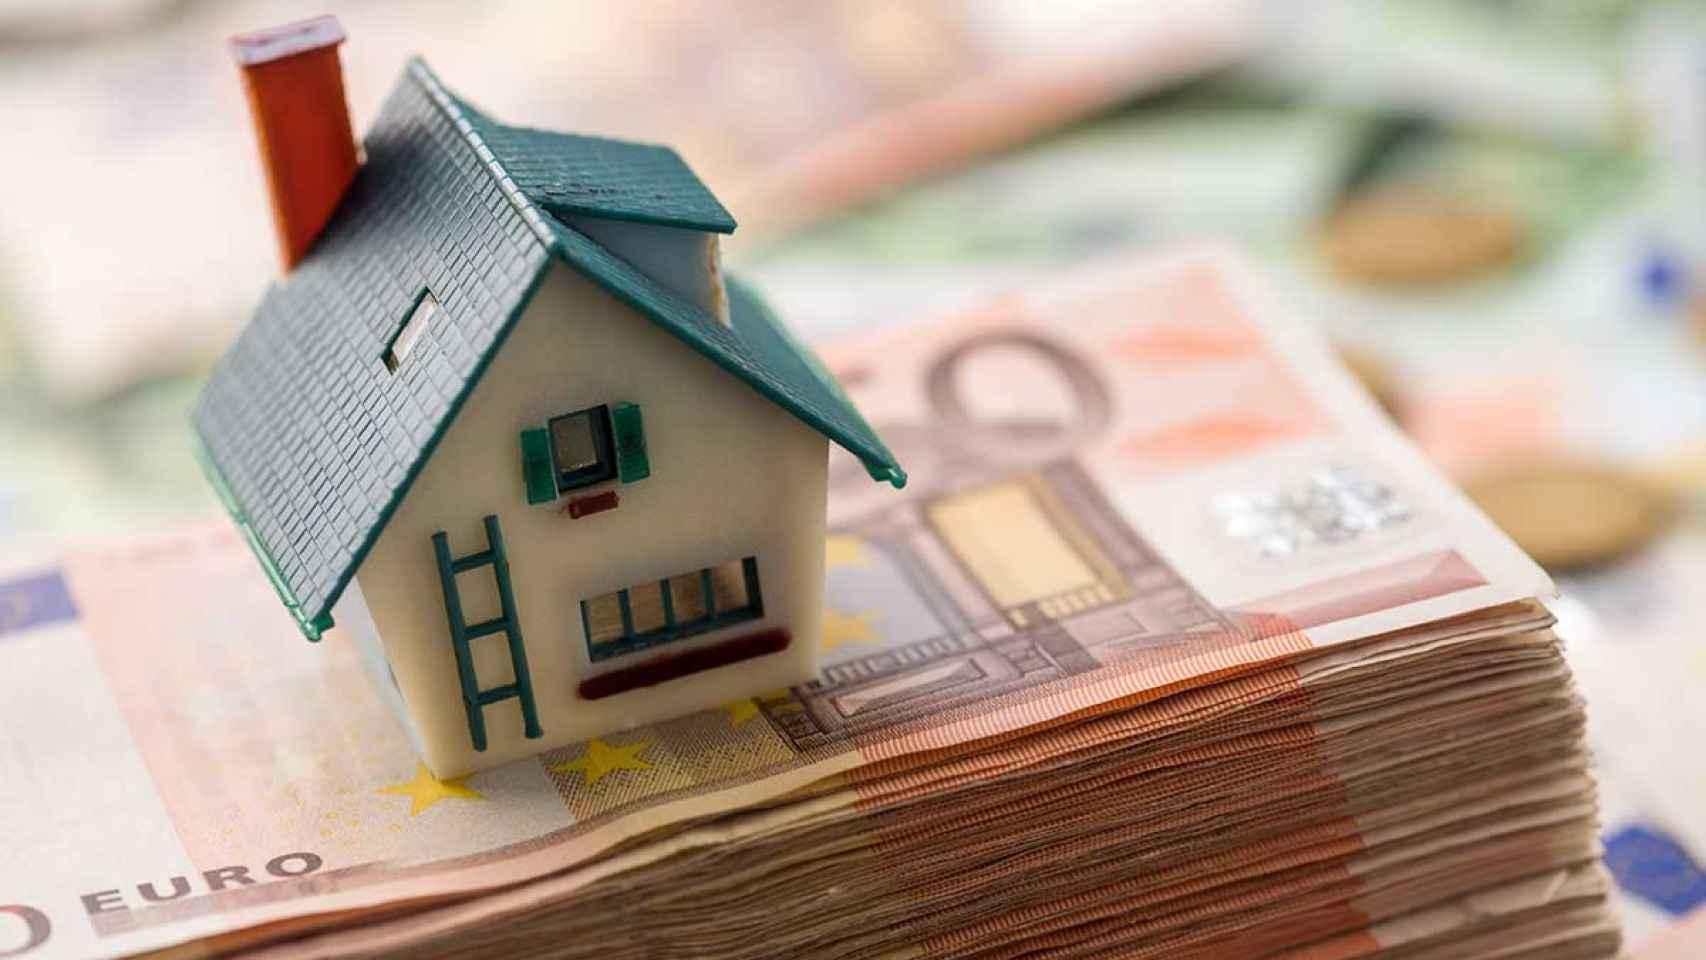 Ilustración sobre el mercado de la vivienda.